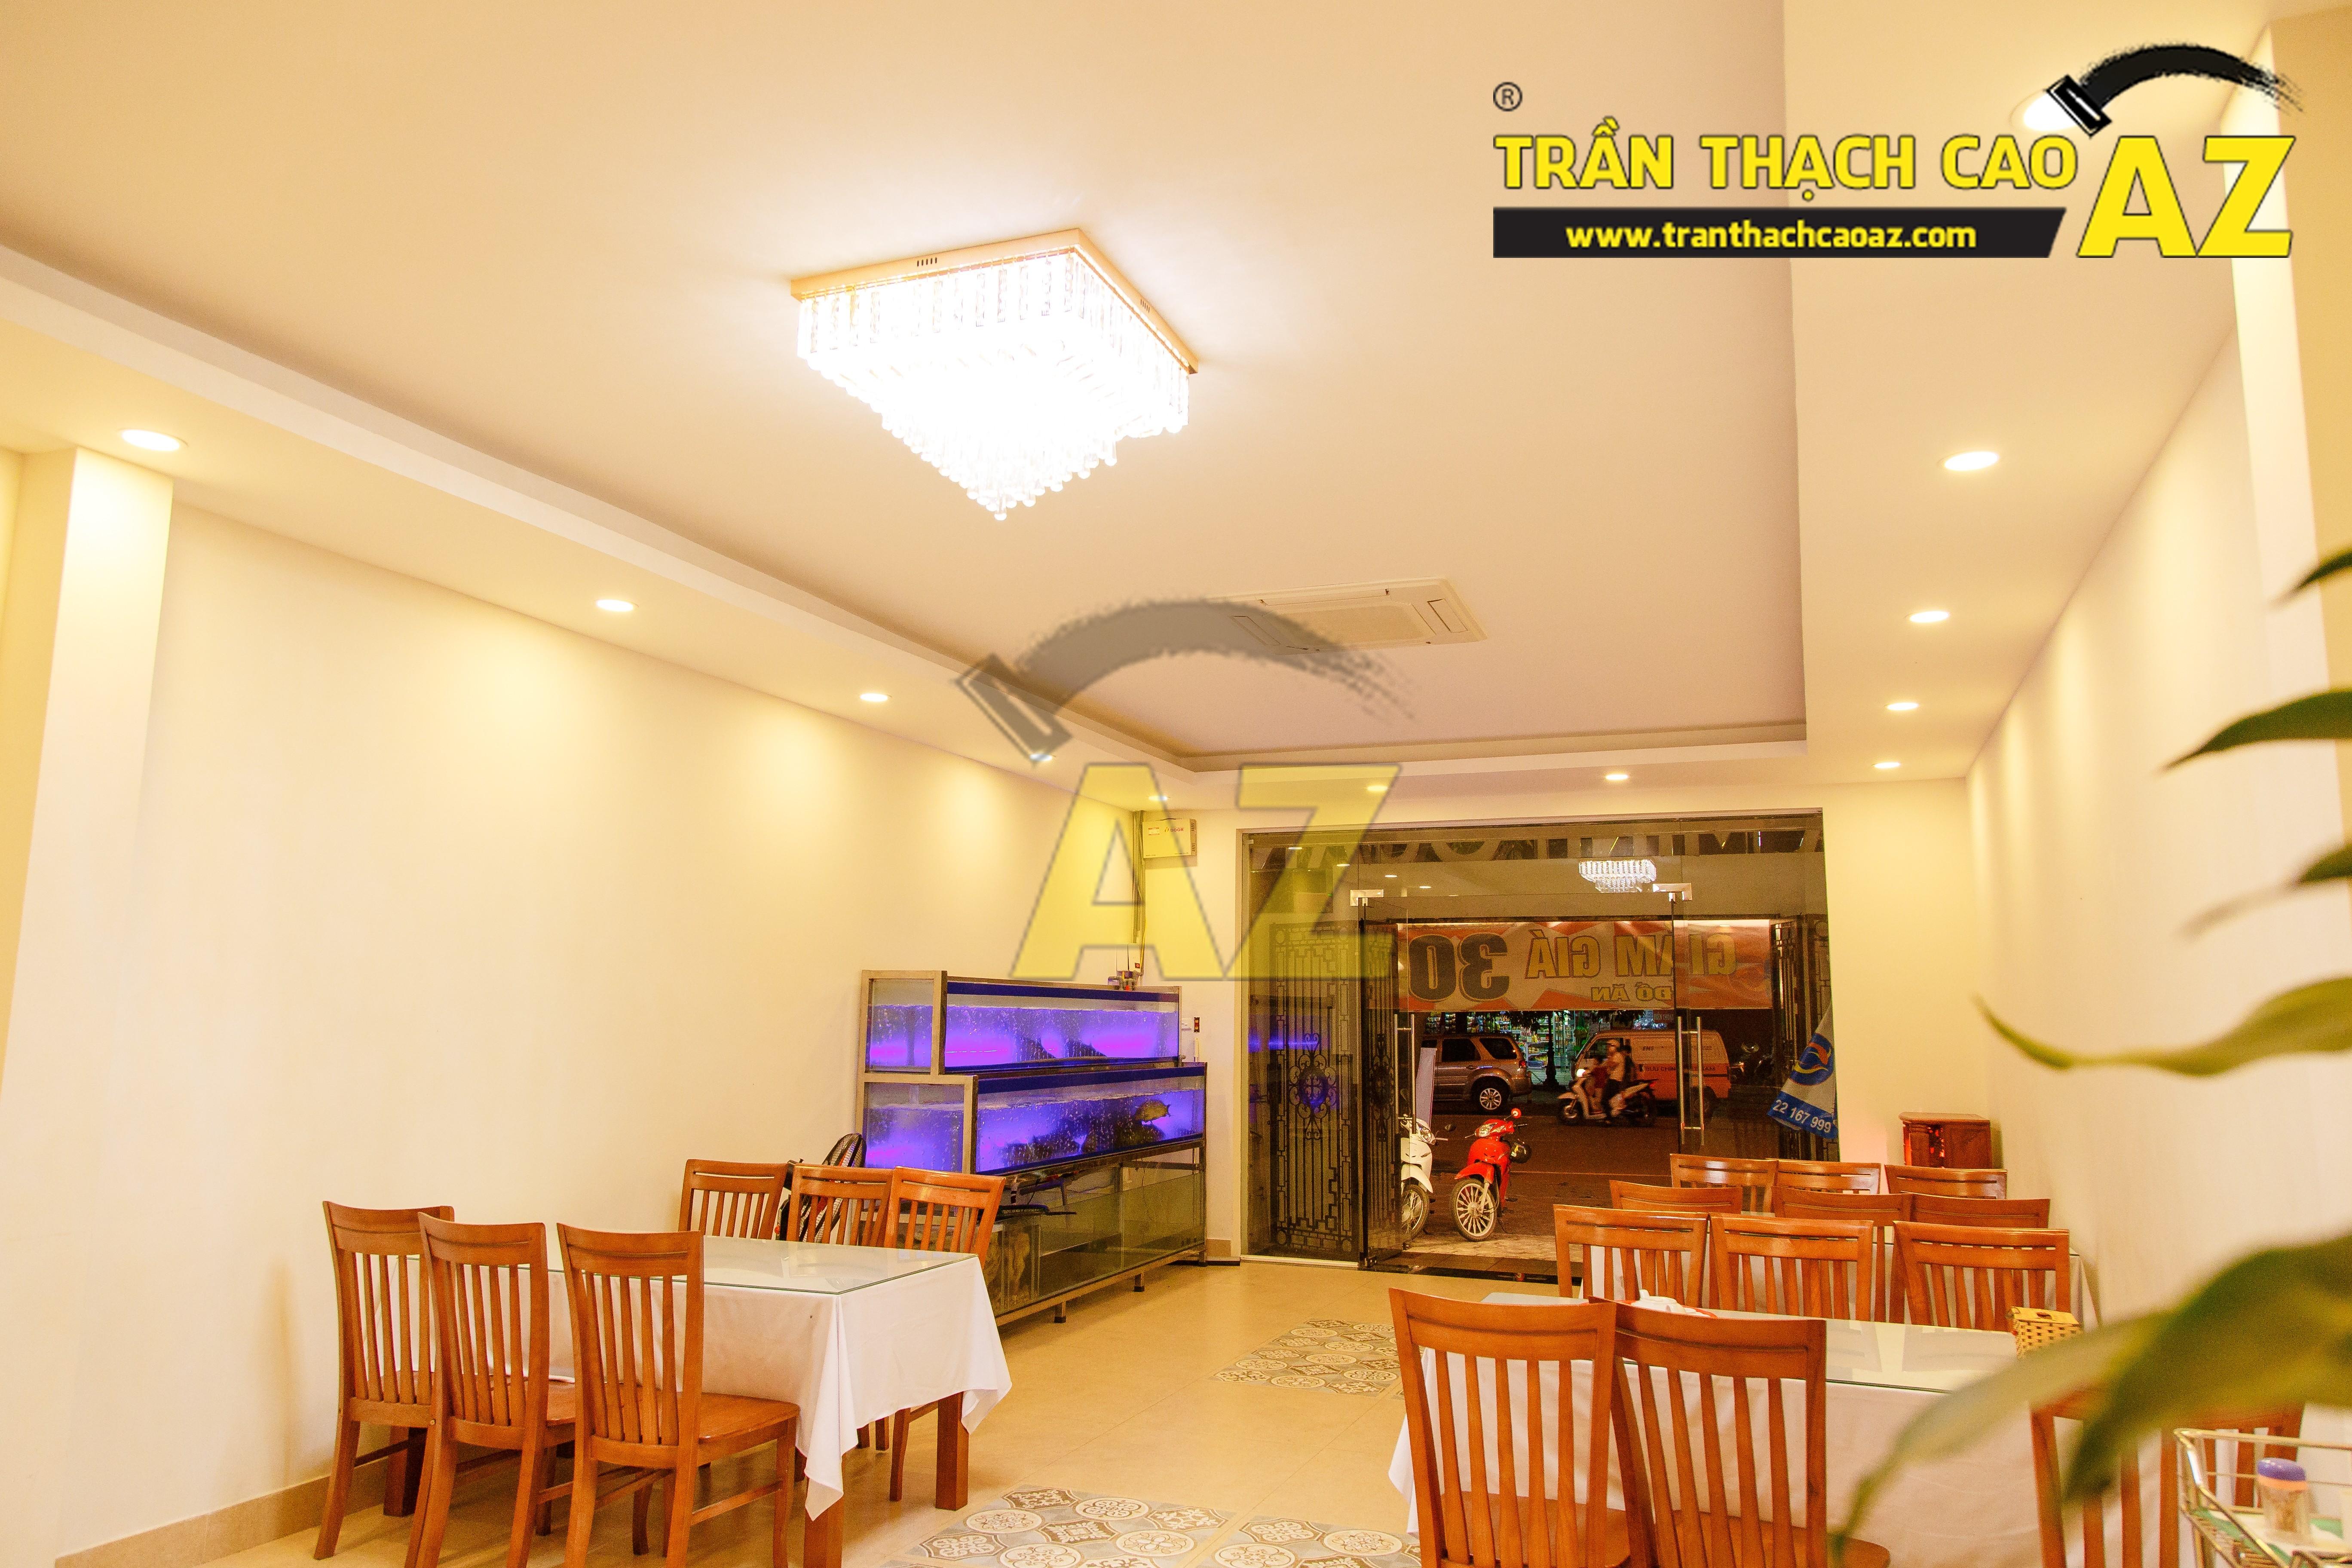 Mẫu trần thạch cao nhà hàng đẹp 01